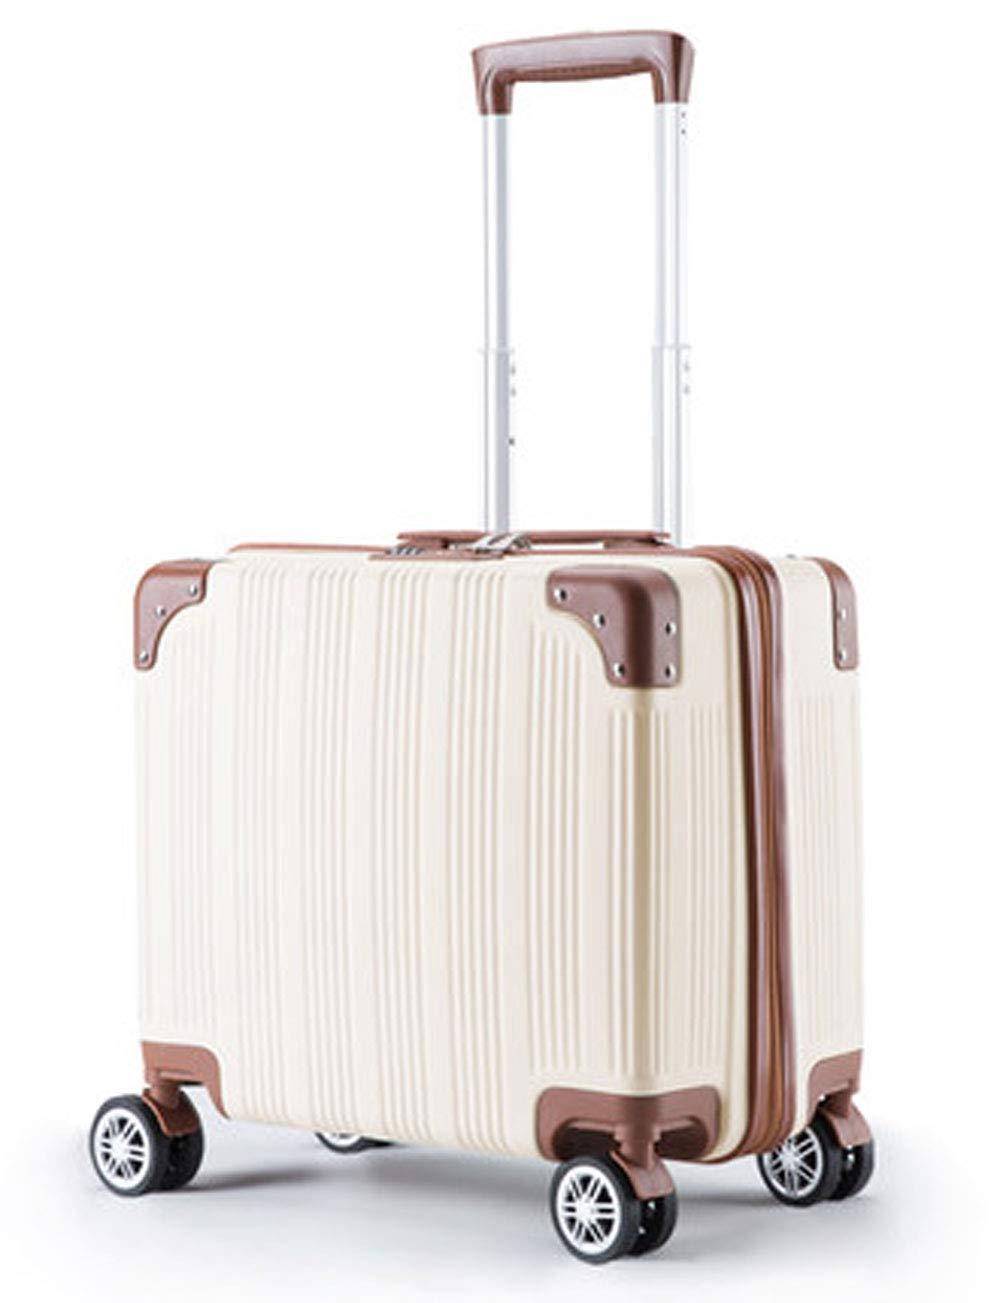 超小型ABSハードシェル搭乗荷物、静かな回転ホイールデザイン、18インチのシャーシにプルロッド (色 : 白)   B07GLPJZNM